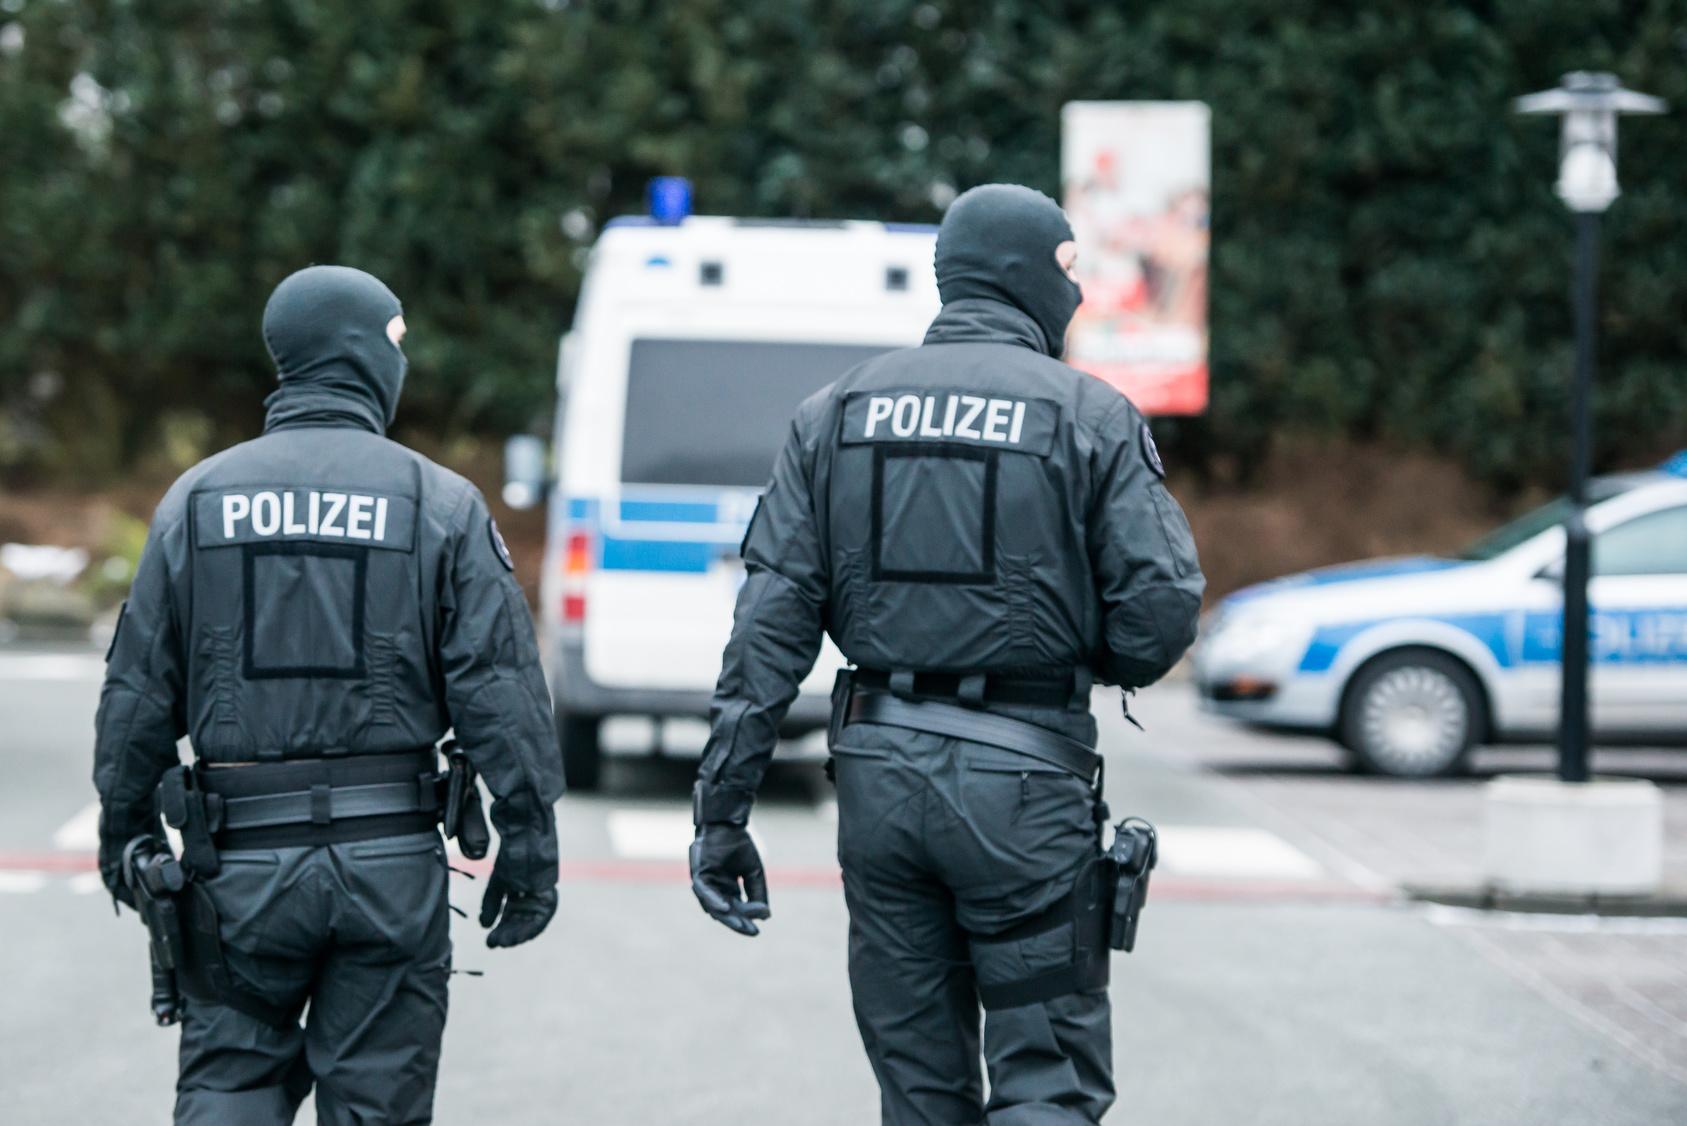 Polizei in Essen nimmt 32-Jährigen unter Anschlagsverdacht fest